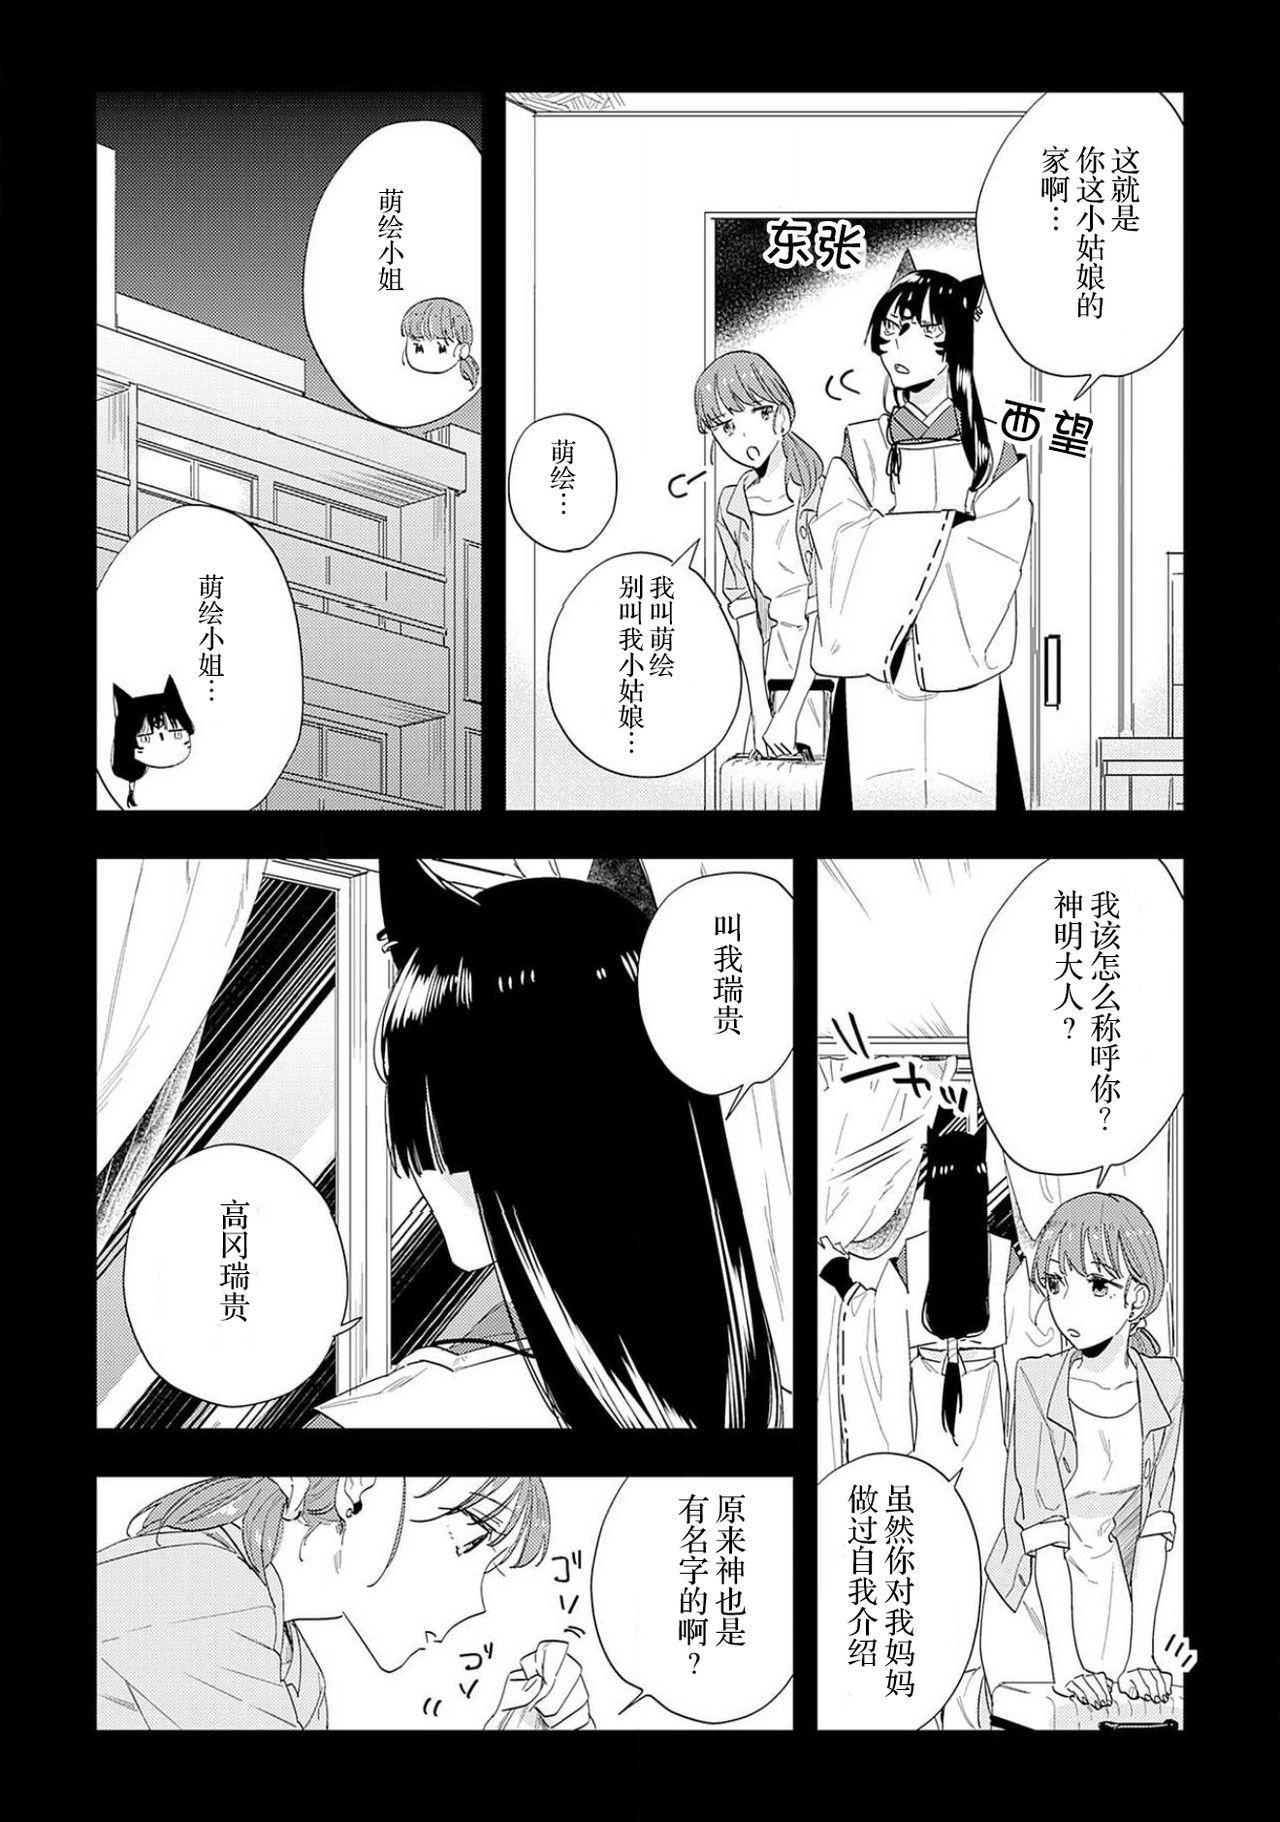 [Hachikawa Kyuu] Kami-sama to Ikenie H Keiyaku Shichaimashita | 我与神明大人签订了祭品H契约 1-3 [Chinese] [莉赛特汉化组] 29